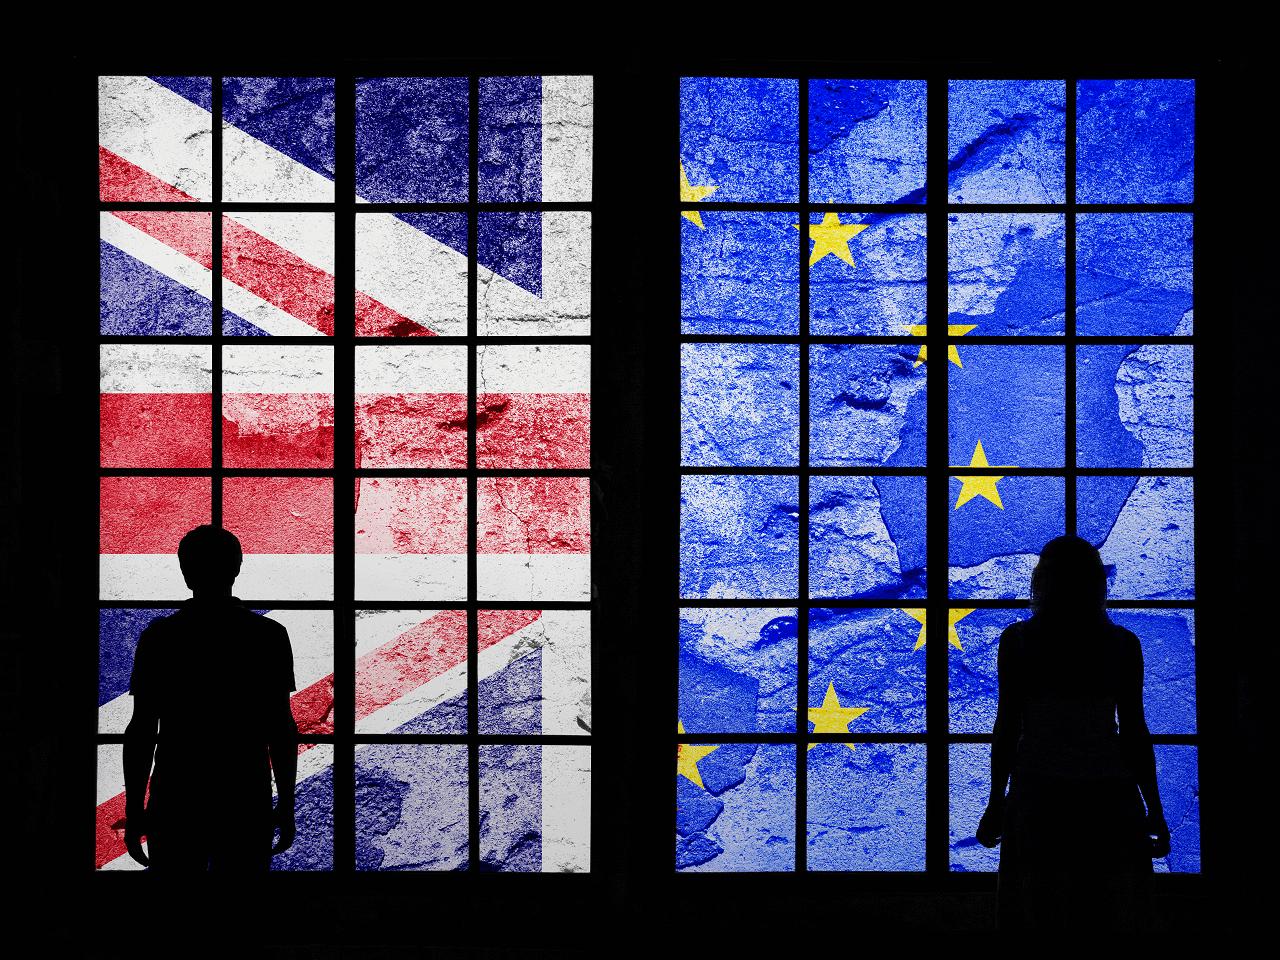 Birleşik Krallık Sübvansiyon Kontrollerine Yeni Düzenleme Getiriyor